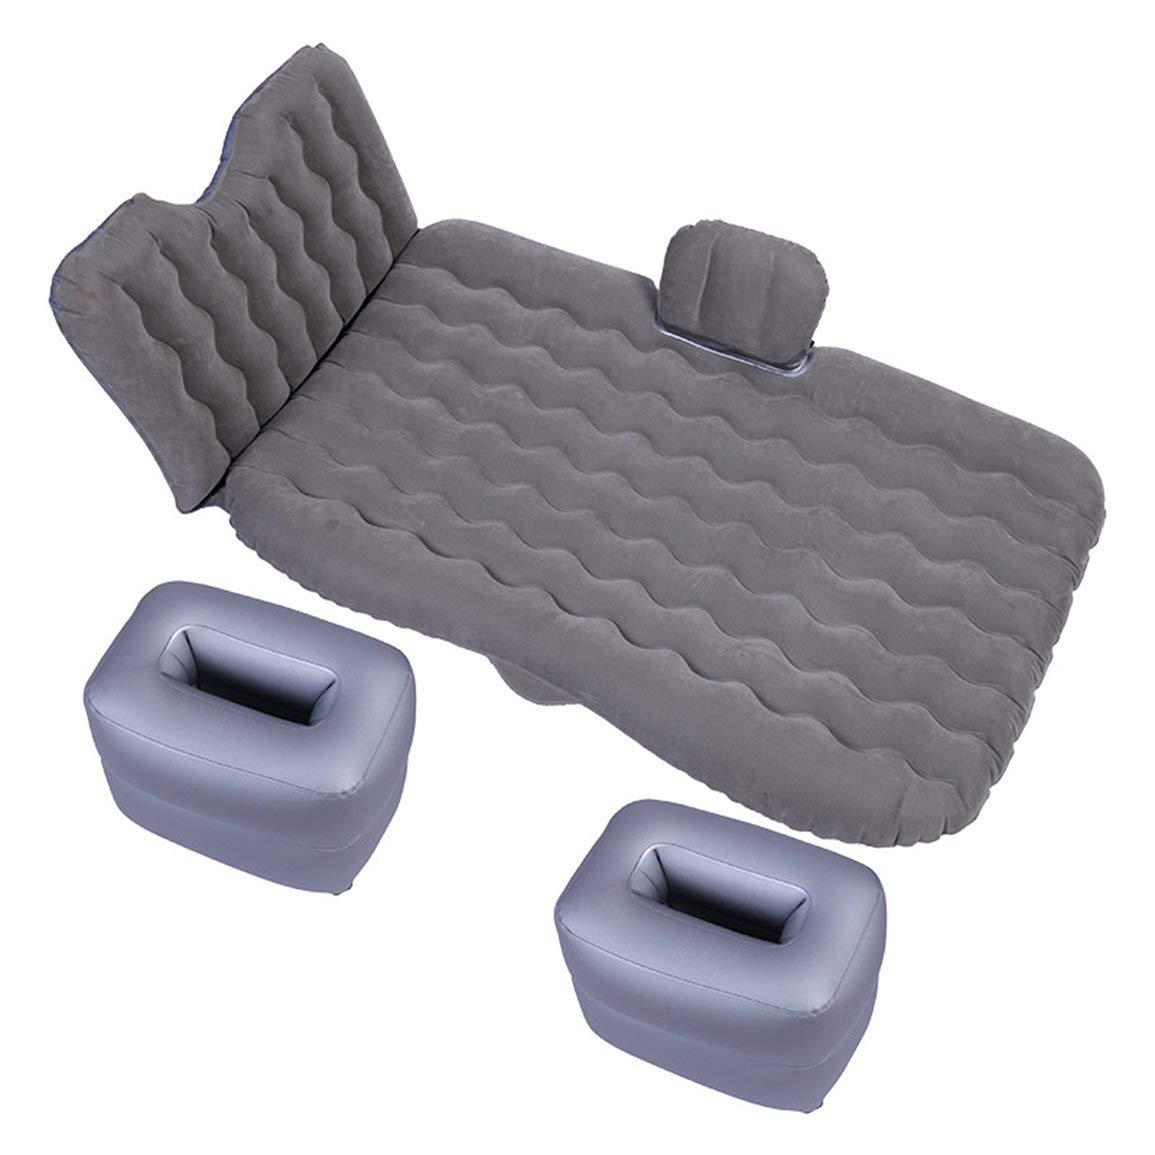 Fantasyworld Multi-Funktions-aufblasbare Matratze Auto aufblasbares Bett für Auto-Träger-Teile Zubehör Mode Praktische